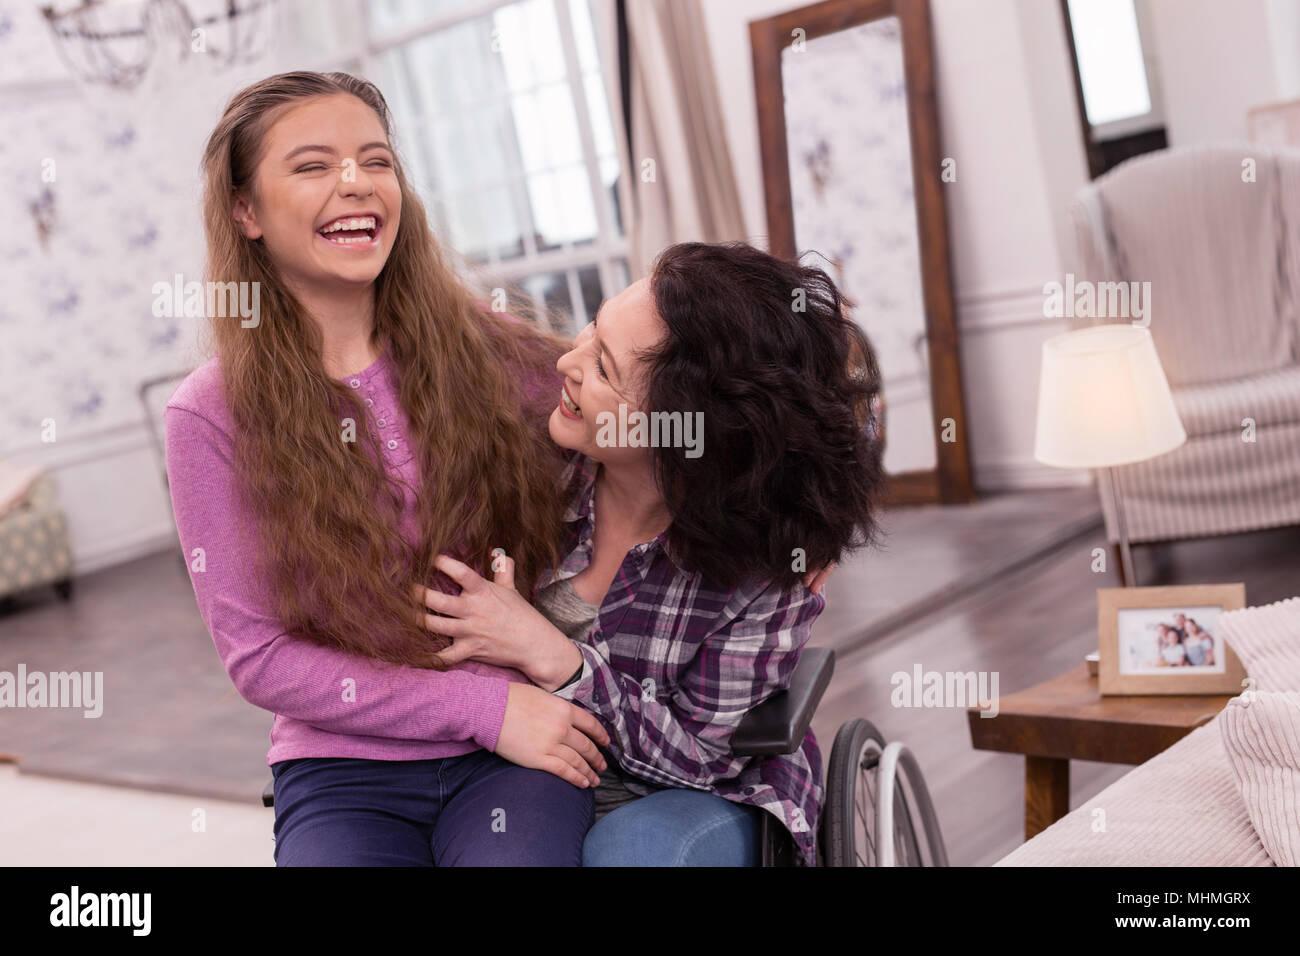 Mobilité jovial Femme et fille raconter des blagues Photo Stock